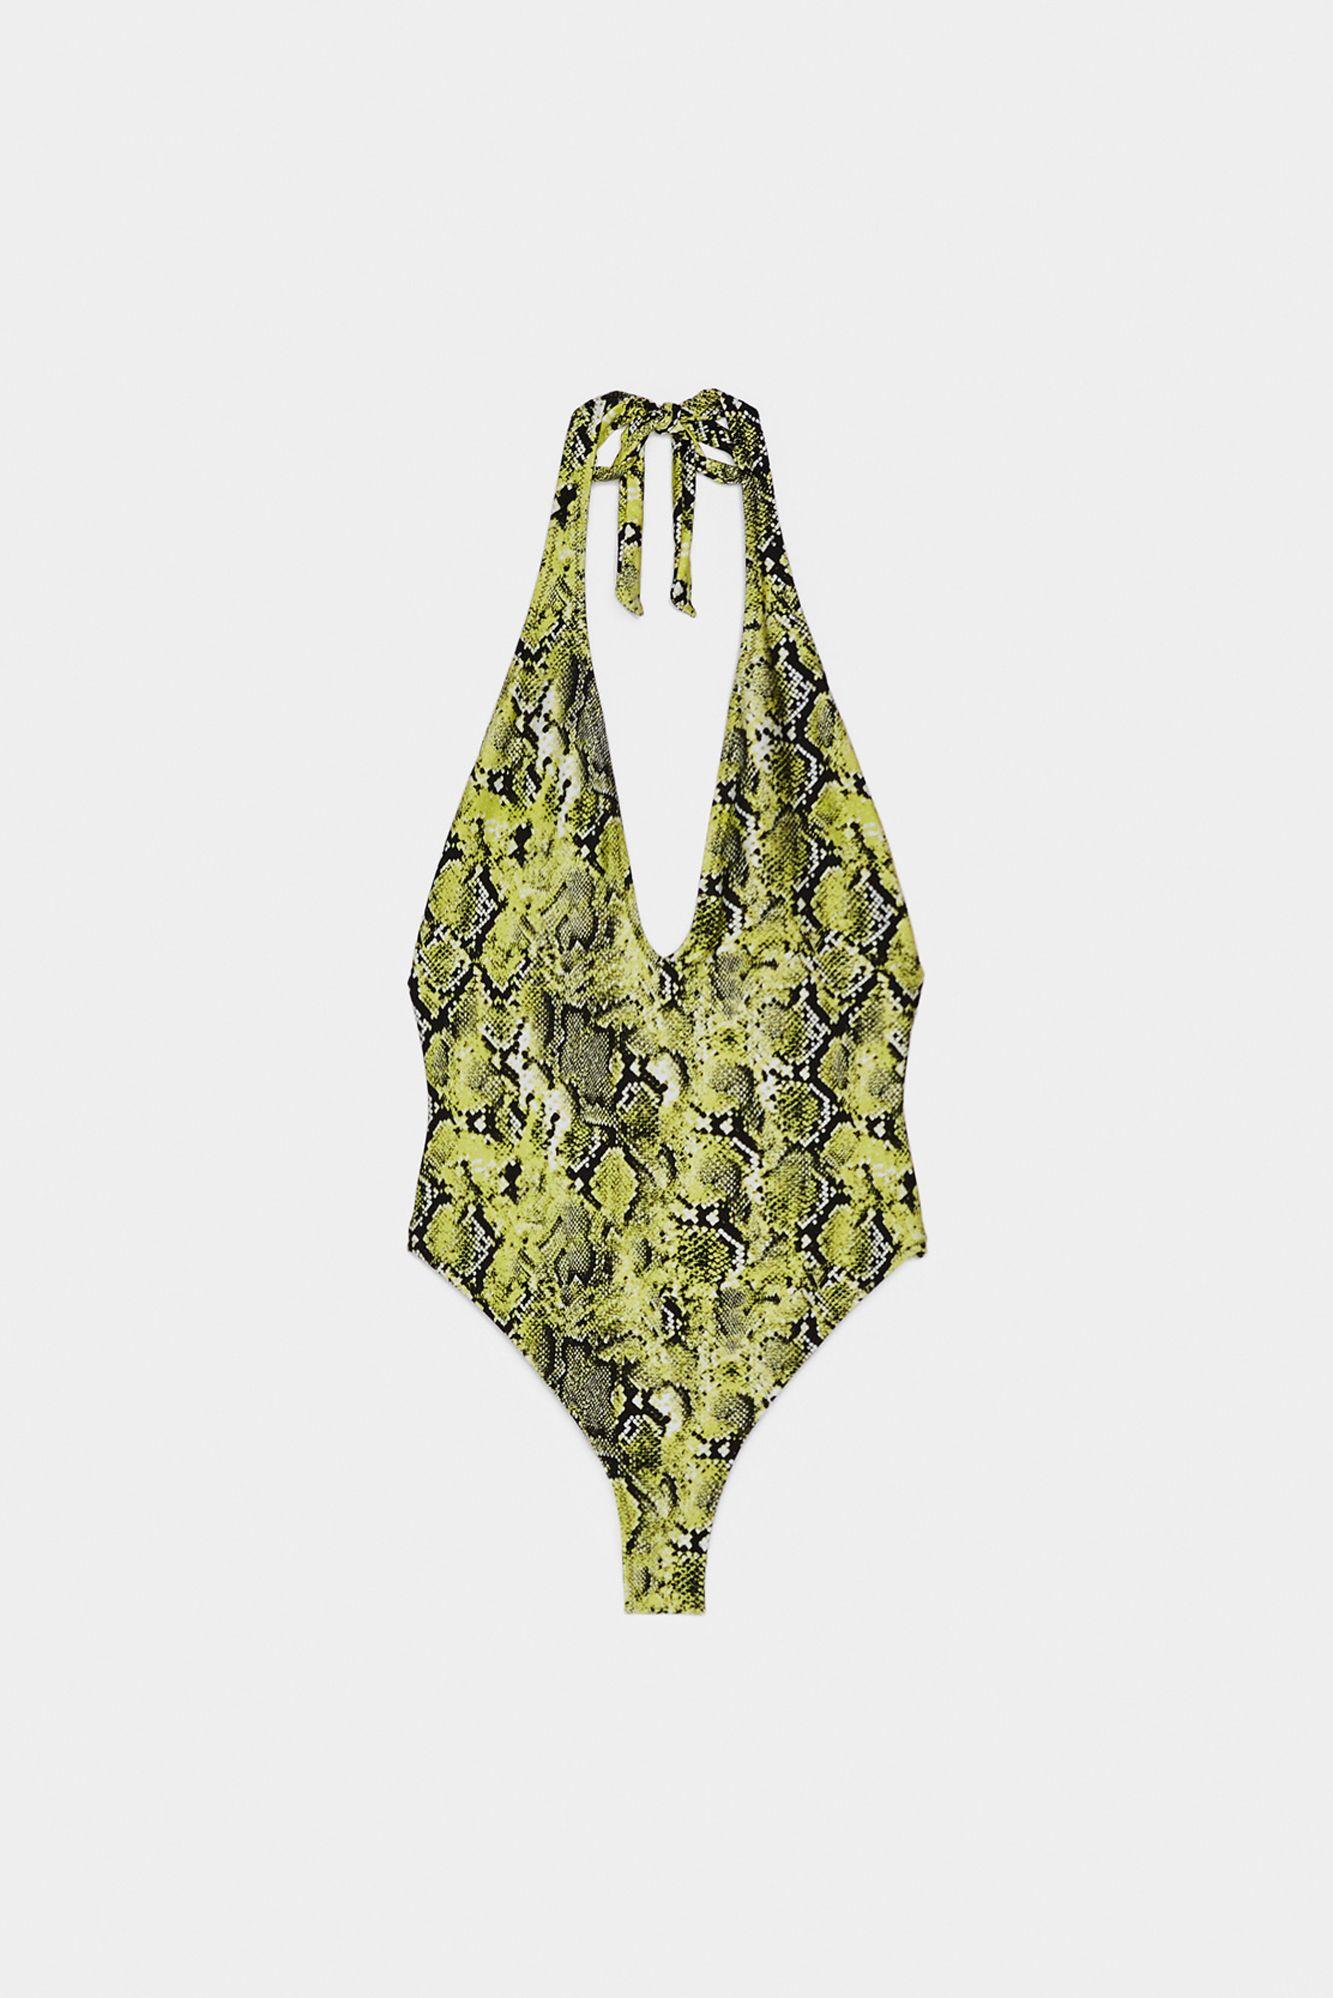 Bañadores Los En 2019 Shopping Llevar Bikinis A Vas De Que Y CthQdxsr